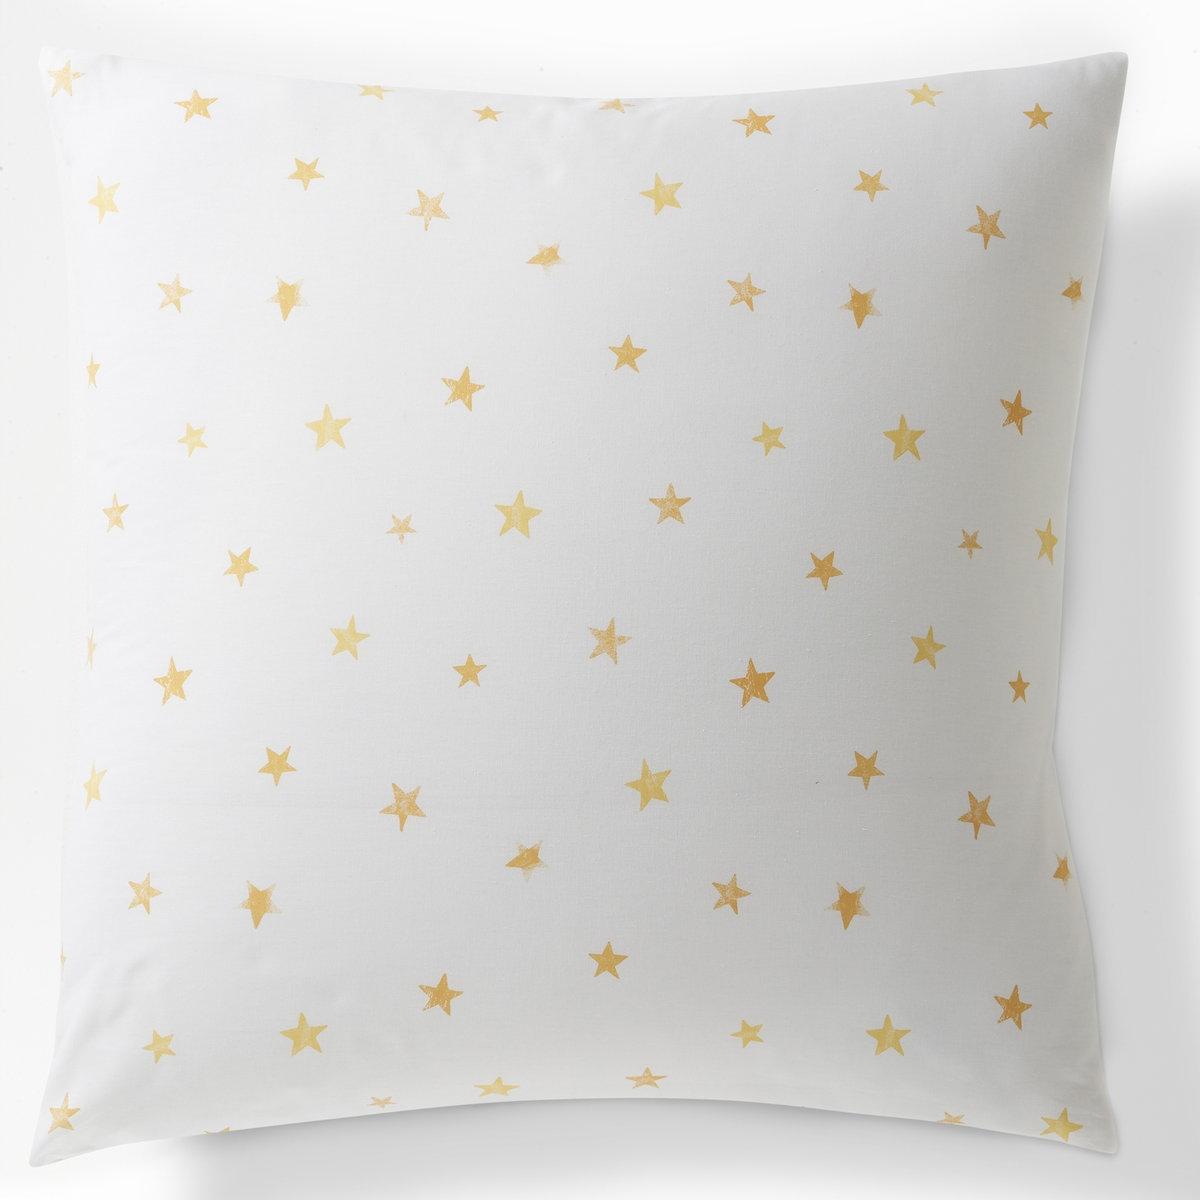 Наволочка LUNEС 2 сторон покрыта орнаментом из желтых звезд на белом фоне.С клапаном.100% хлопка, 51 нить/см?: чем больше нитей/см?, тем выше качество ткани.Стирка при 60°.63 x 63 см.<br><br>Цвет: белый/ желтый